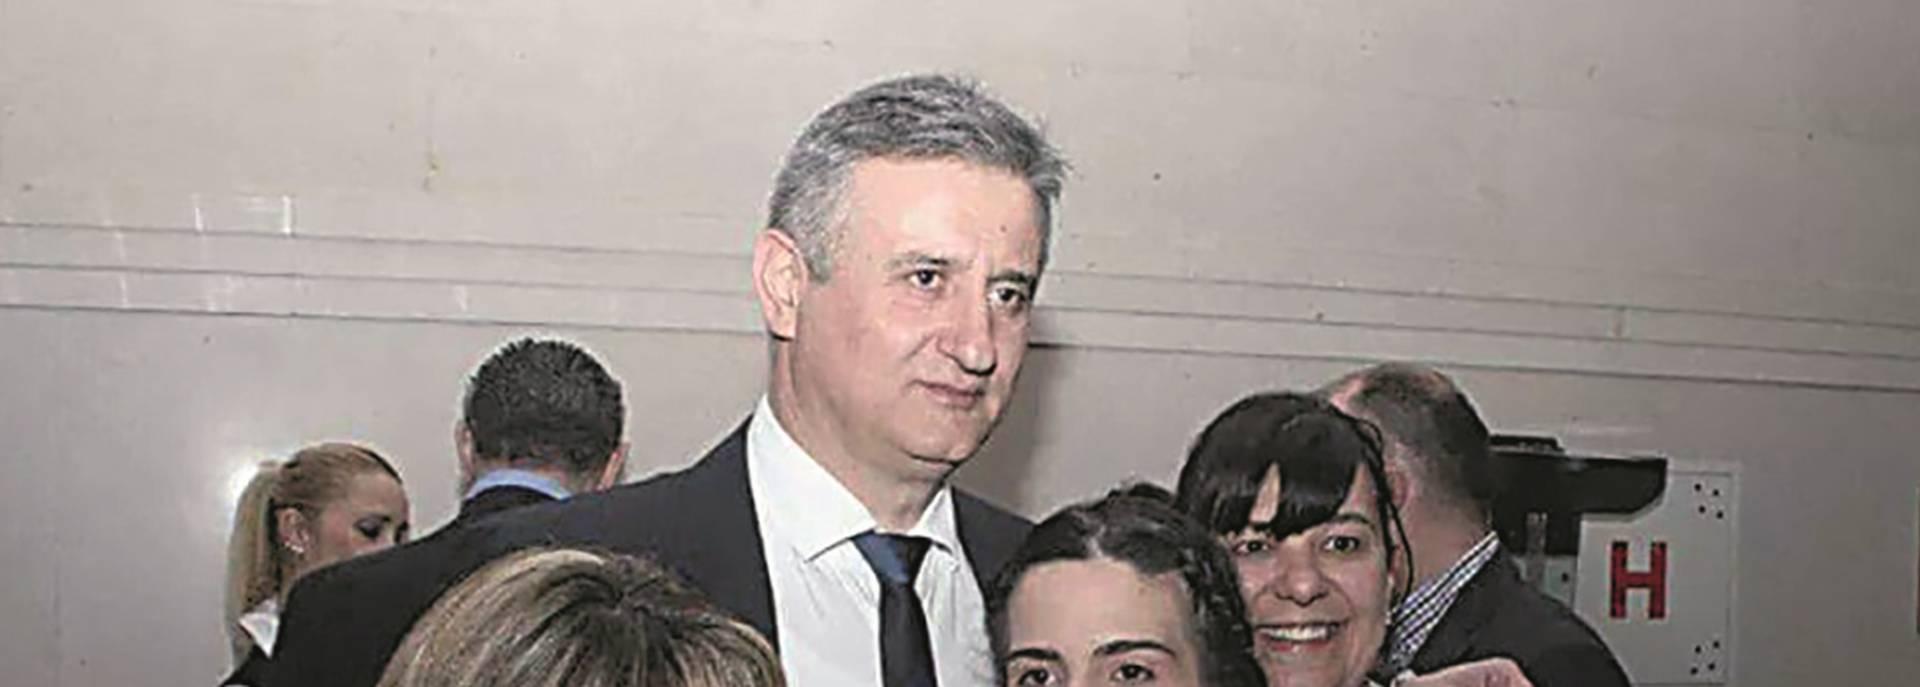 ČITAJTE U NACIONALU Karamarko u zagrljaju riječke HDZ-ovke koja je na Facebooku vrijeđala Srbe